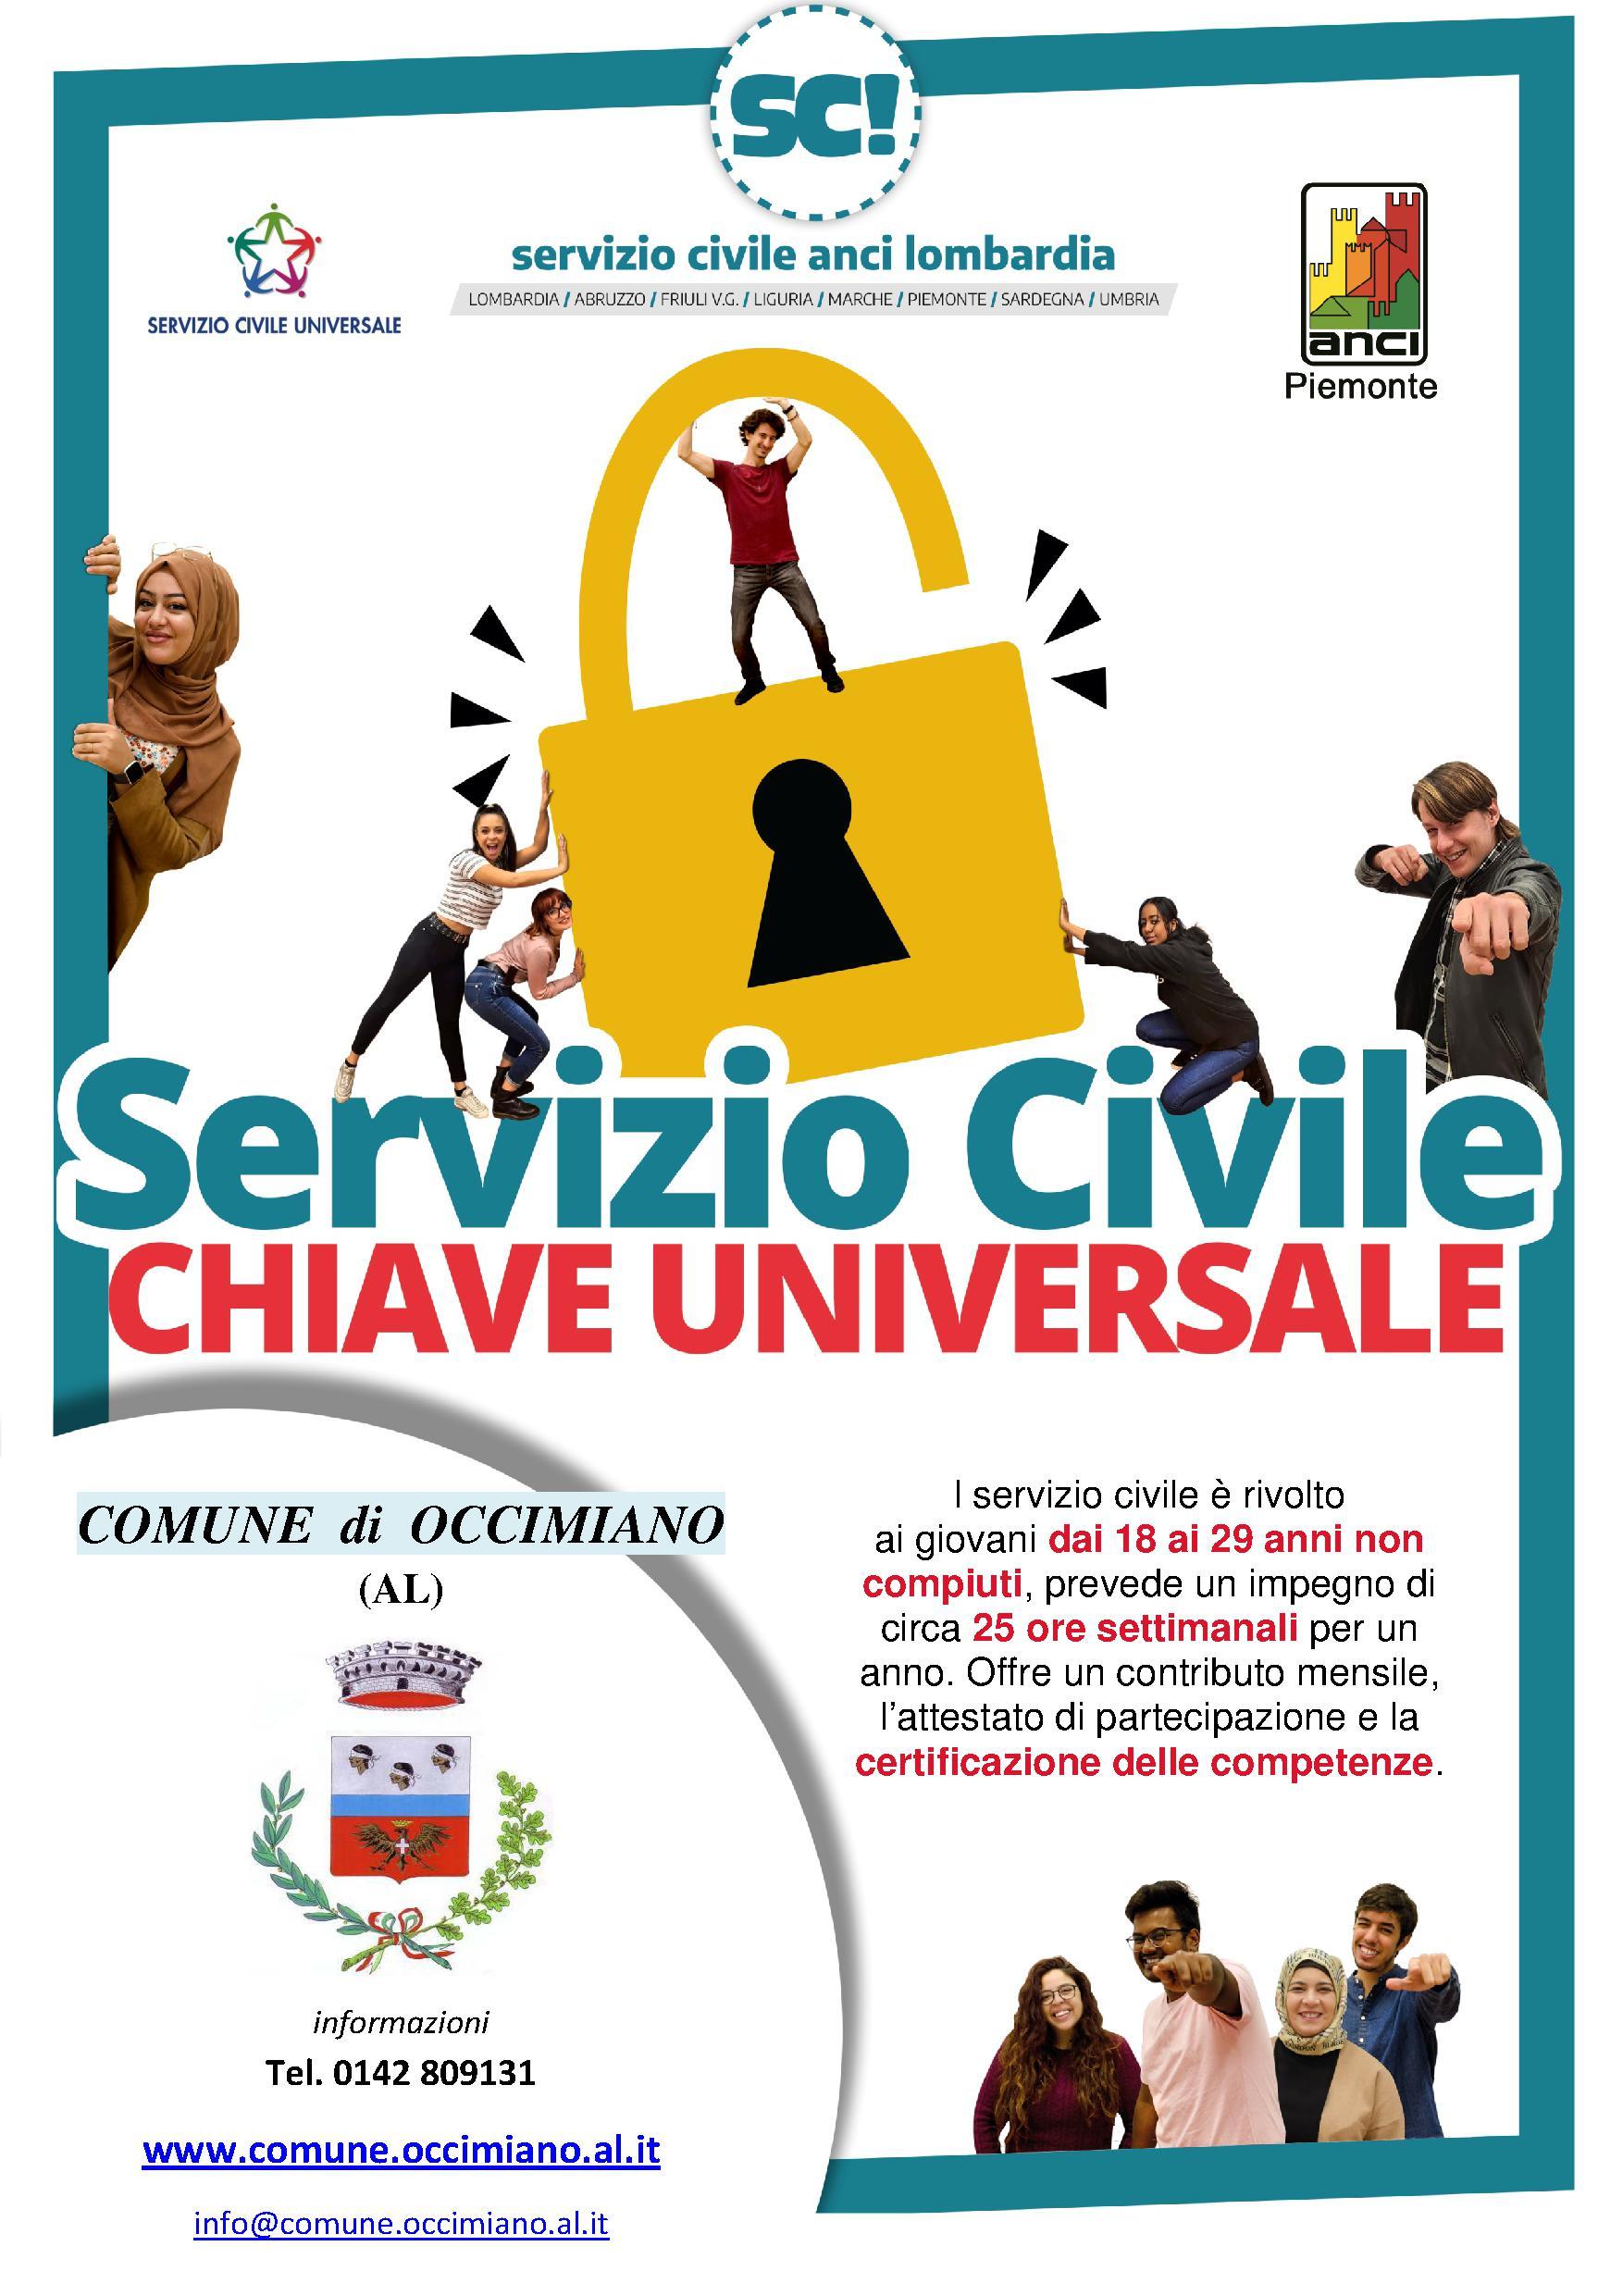 scegli il Servizio Civile con il Comune di Occimiano